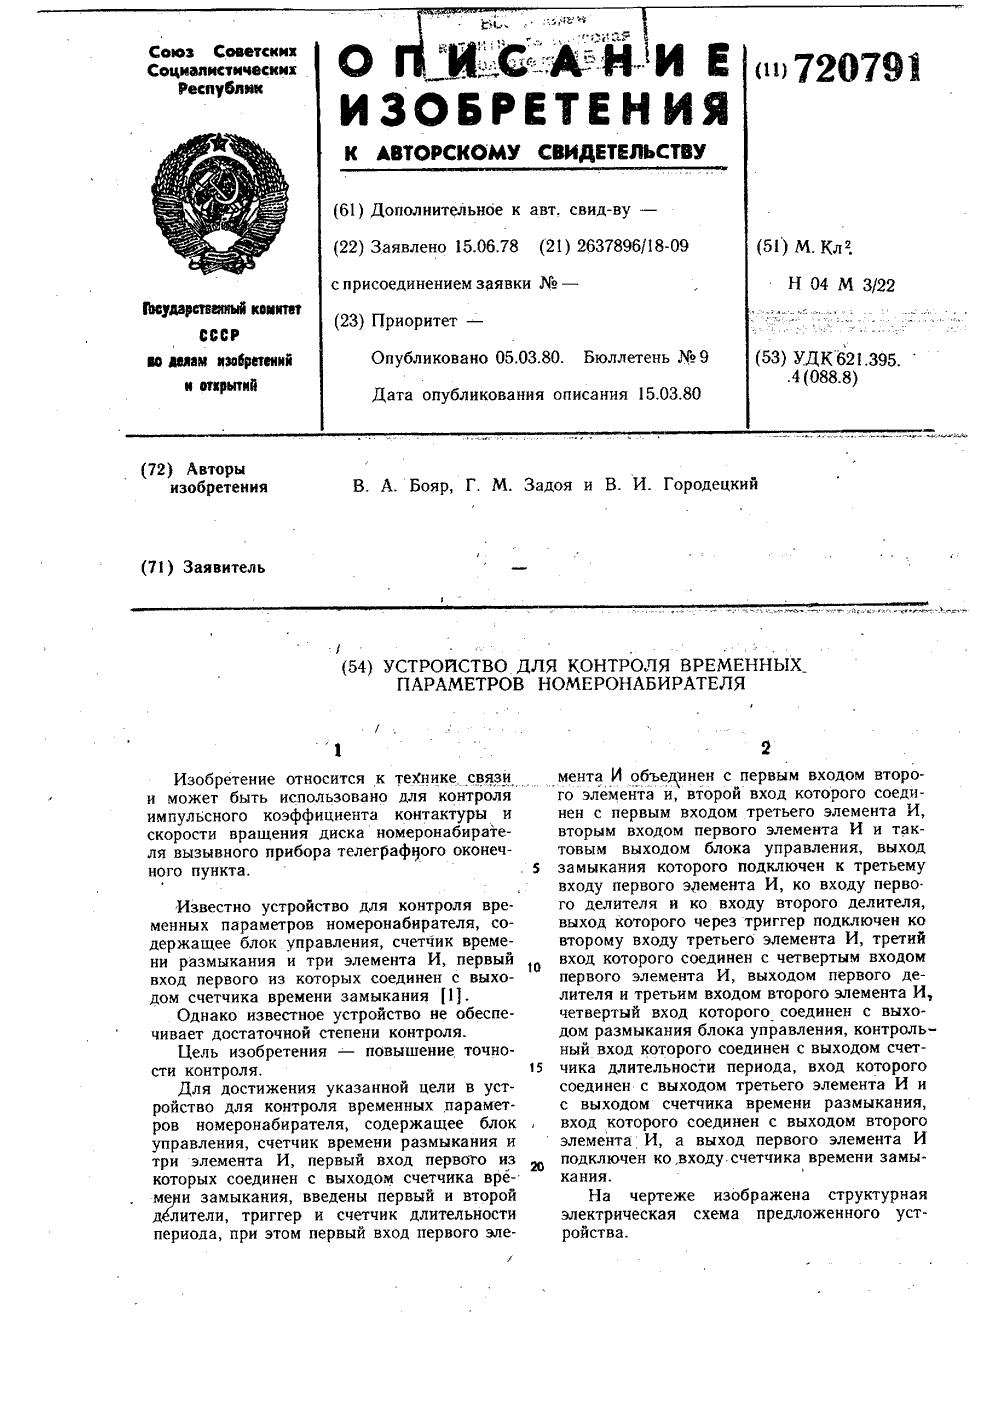 схема подключения номеронабирателя к трубке